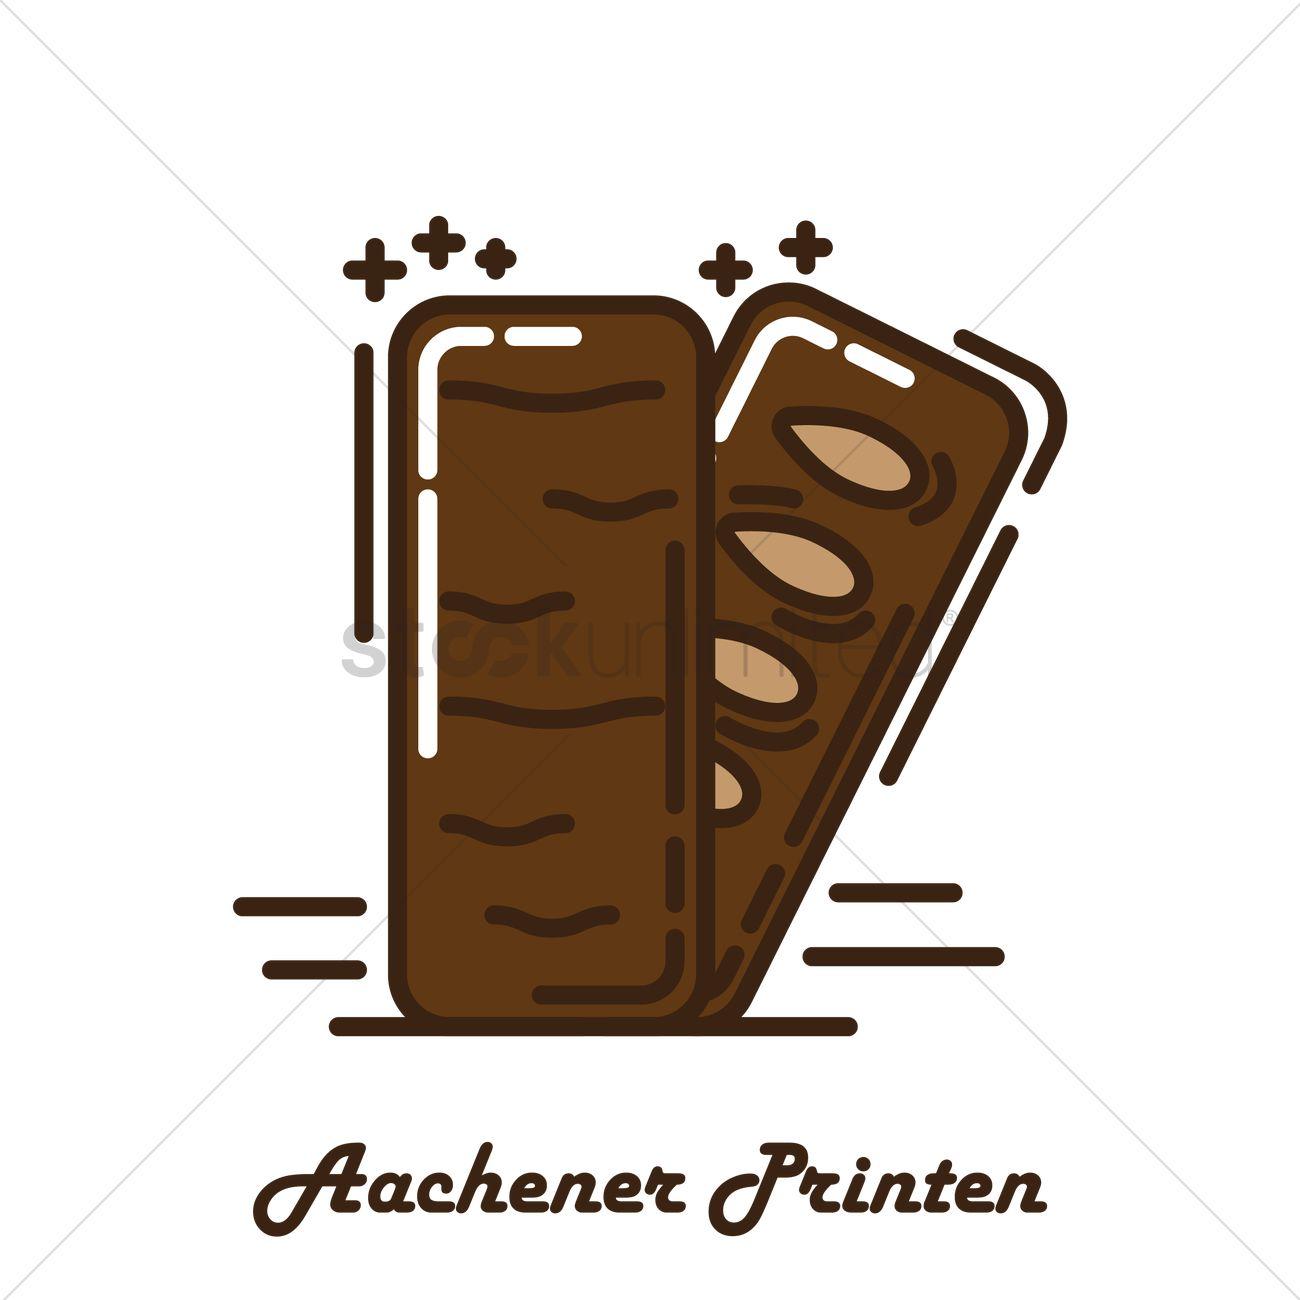 Aachener printen Vector Image.